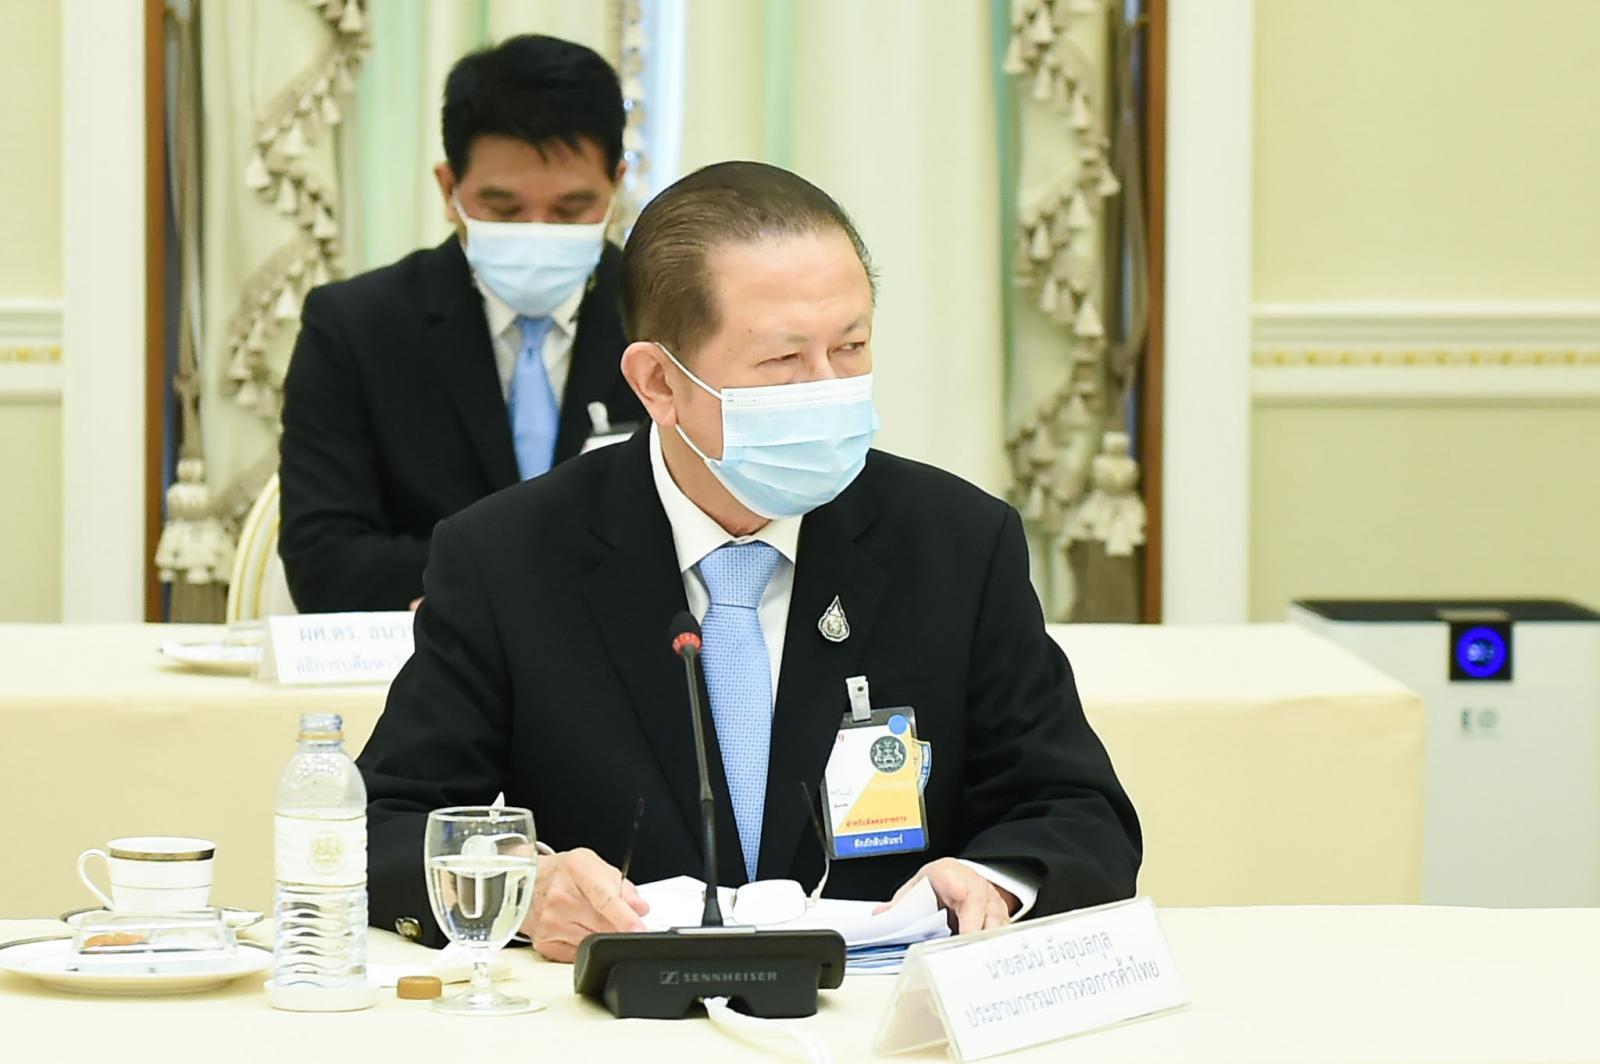 สรุปผล เอกชนหารือนายกรัฐมนตรี ตั้งทีมหนุนฉีดวัคซีน พร้อมจ่ายเองให้ พนง.9.21 แสนคน